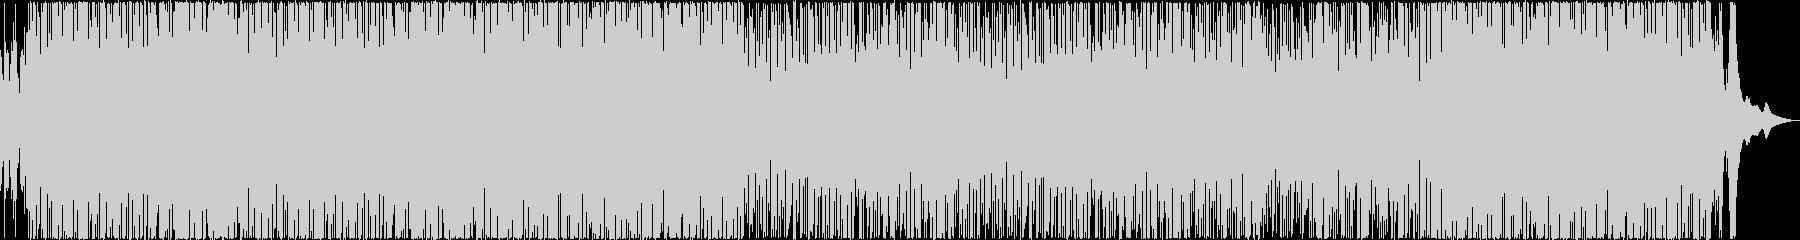 フォーク、ブルーグラス、ポップのハ...の未再生の波形